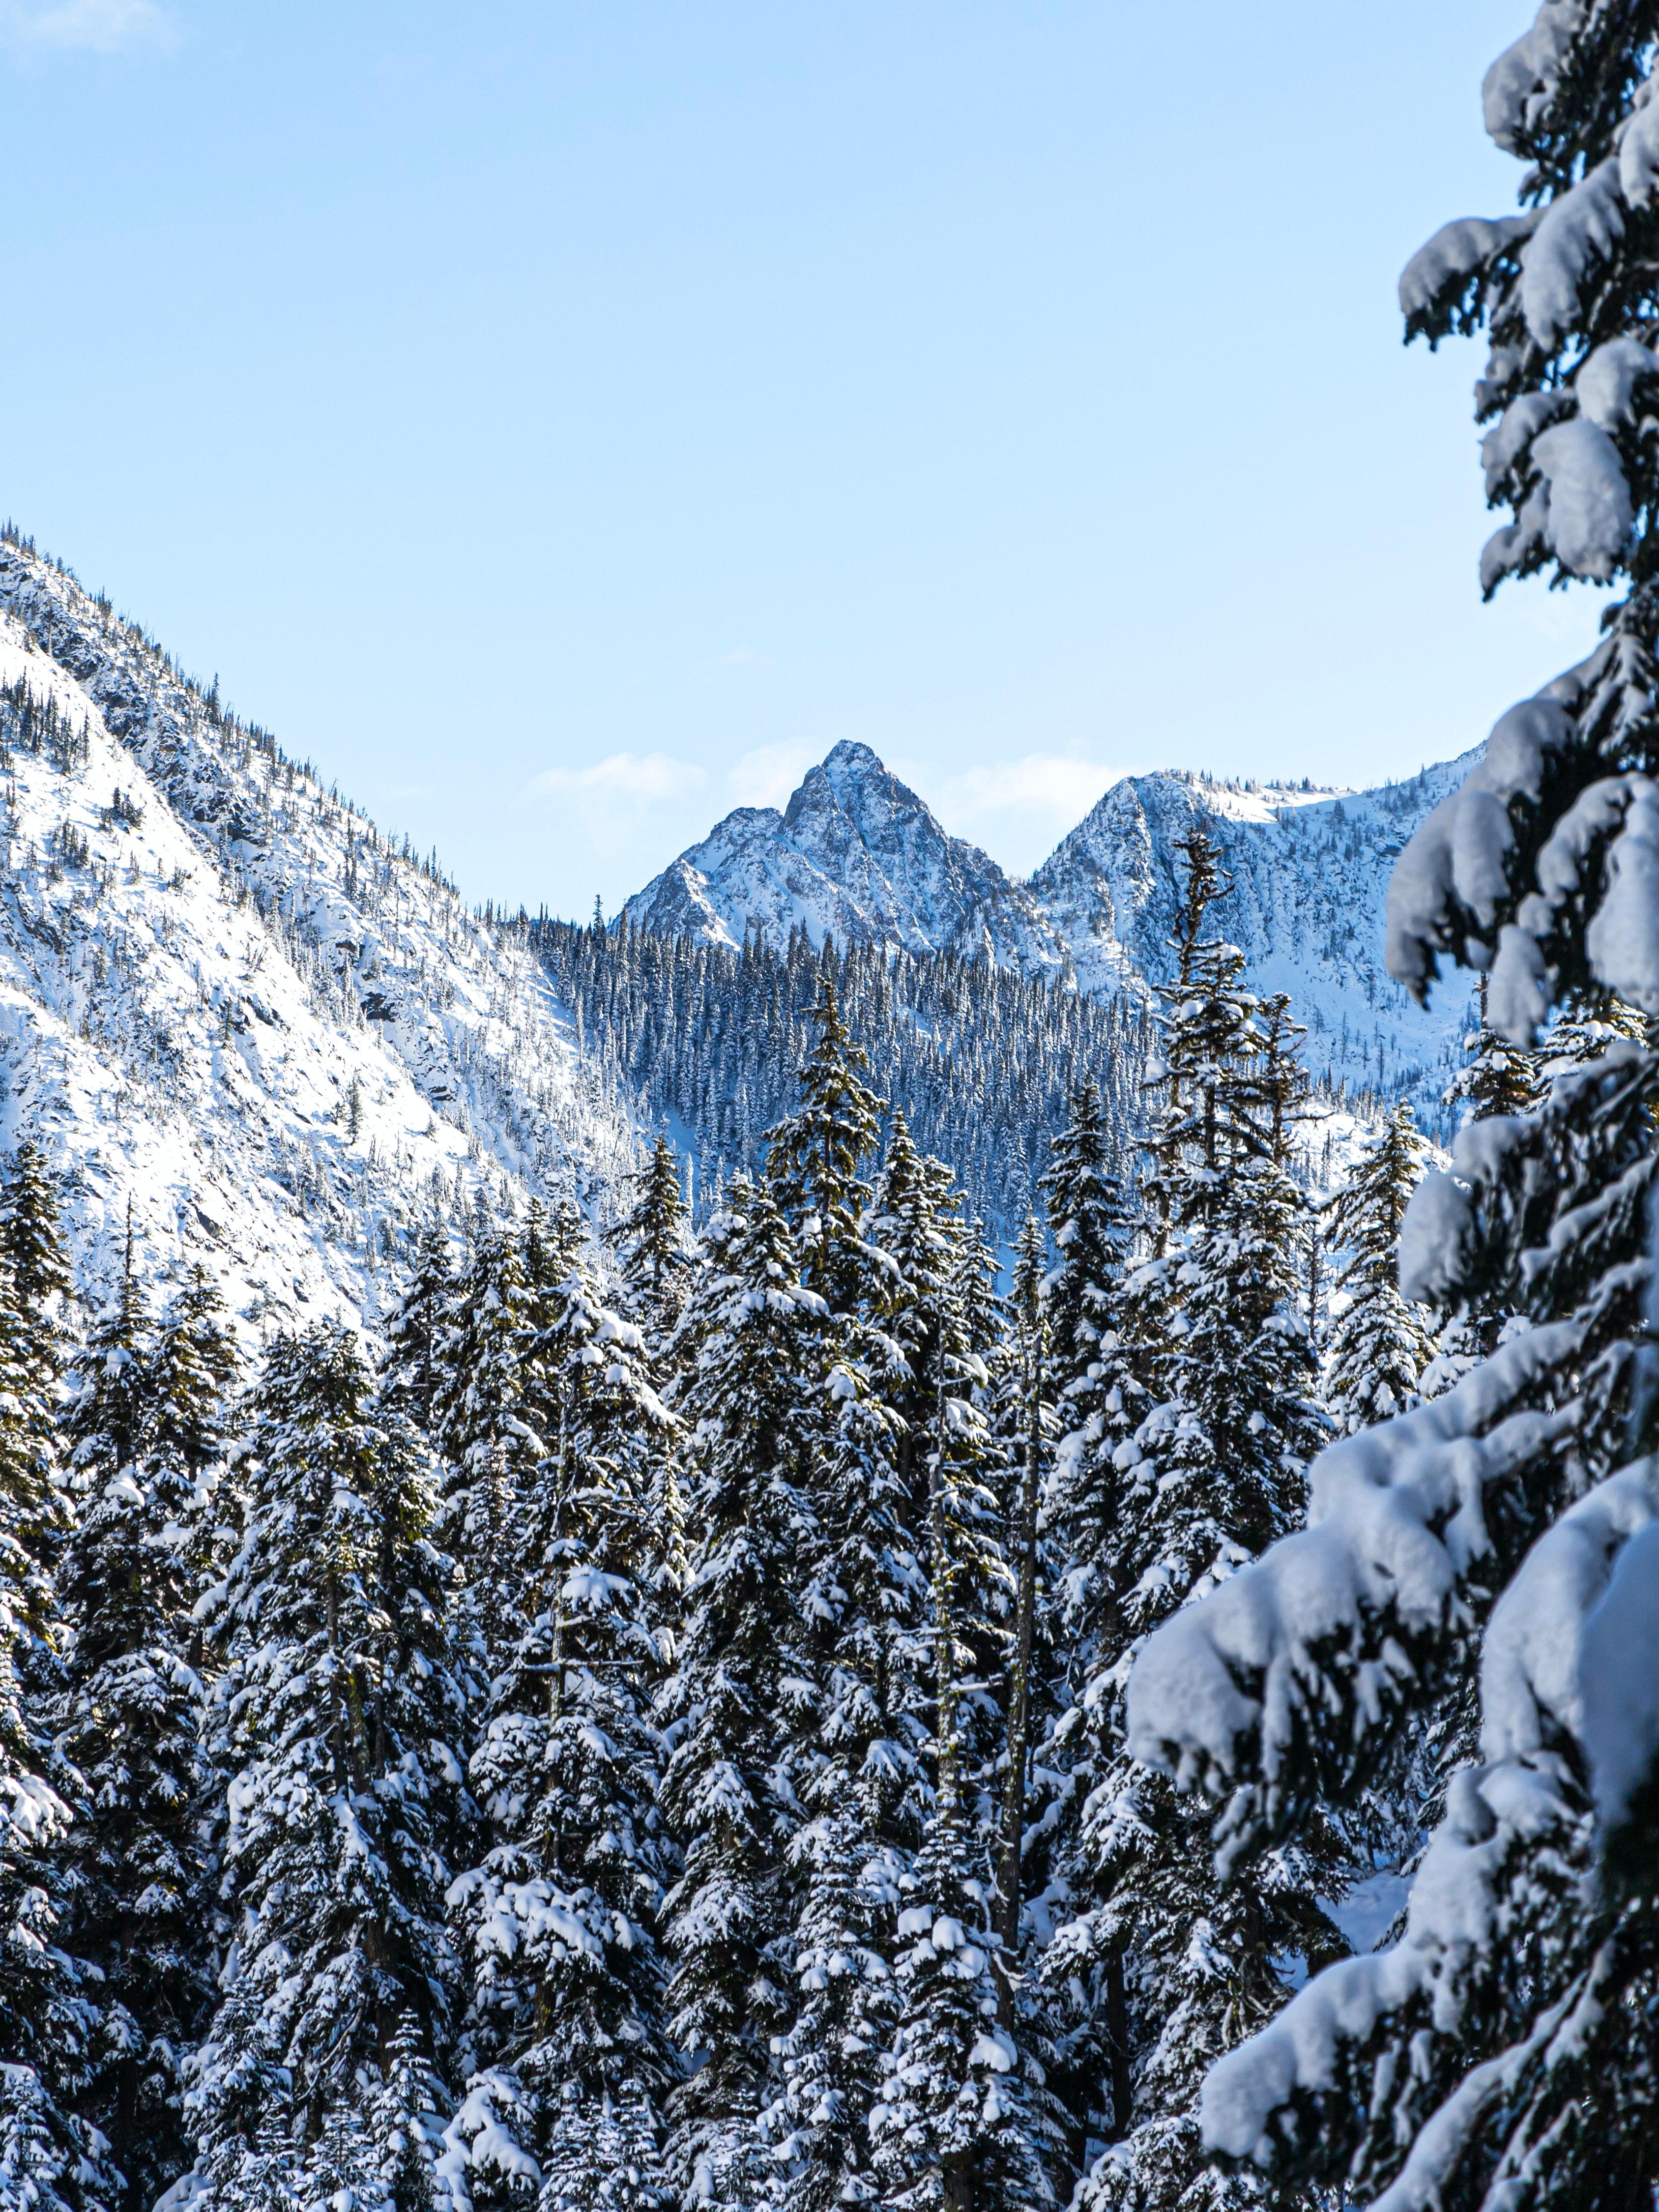 157995 скачать обои Природа, Снег, Деревья, Зима, Горы, Сосны - заставки и картинки бесплатно